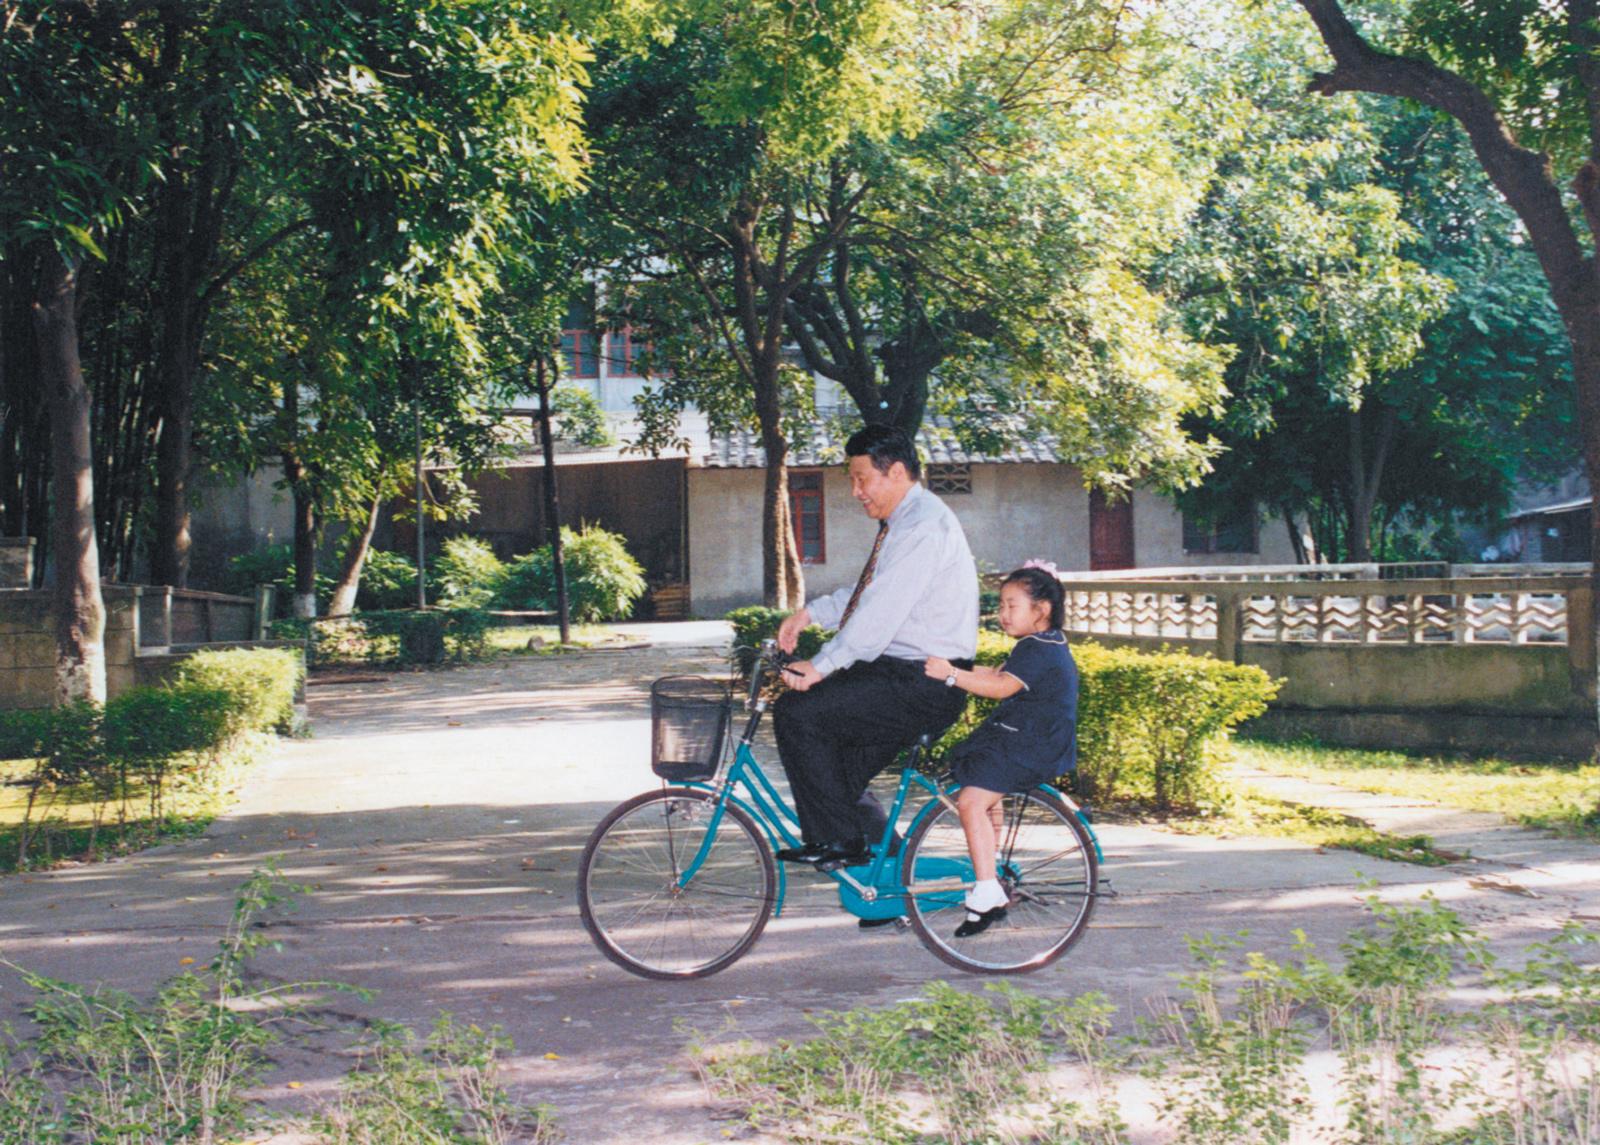 Chinese President Xi Jinping and his daughter, Xi Mingze, in Fuzhou, Fujian province, when she was a child